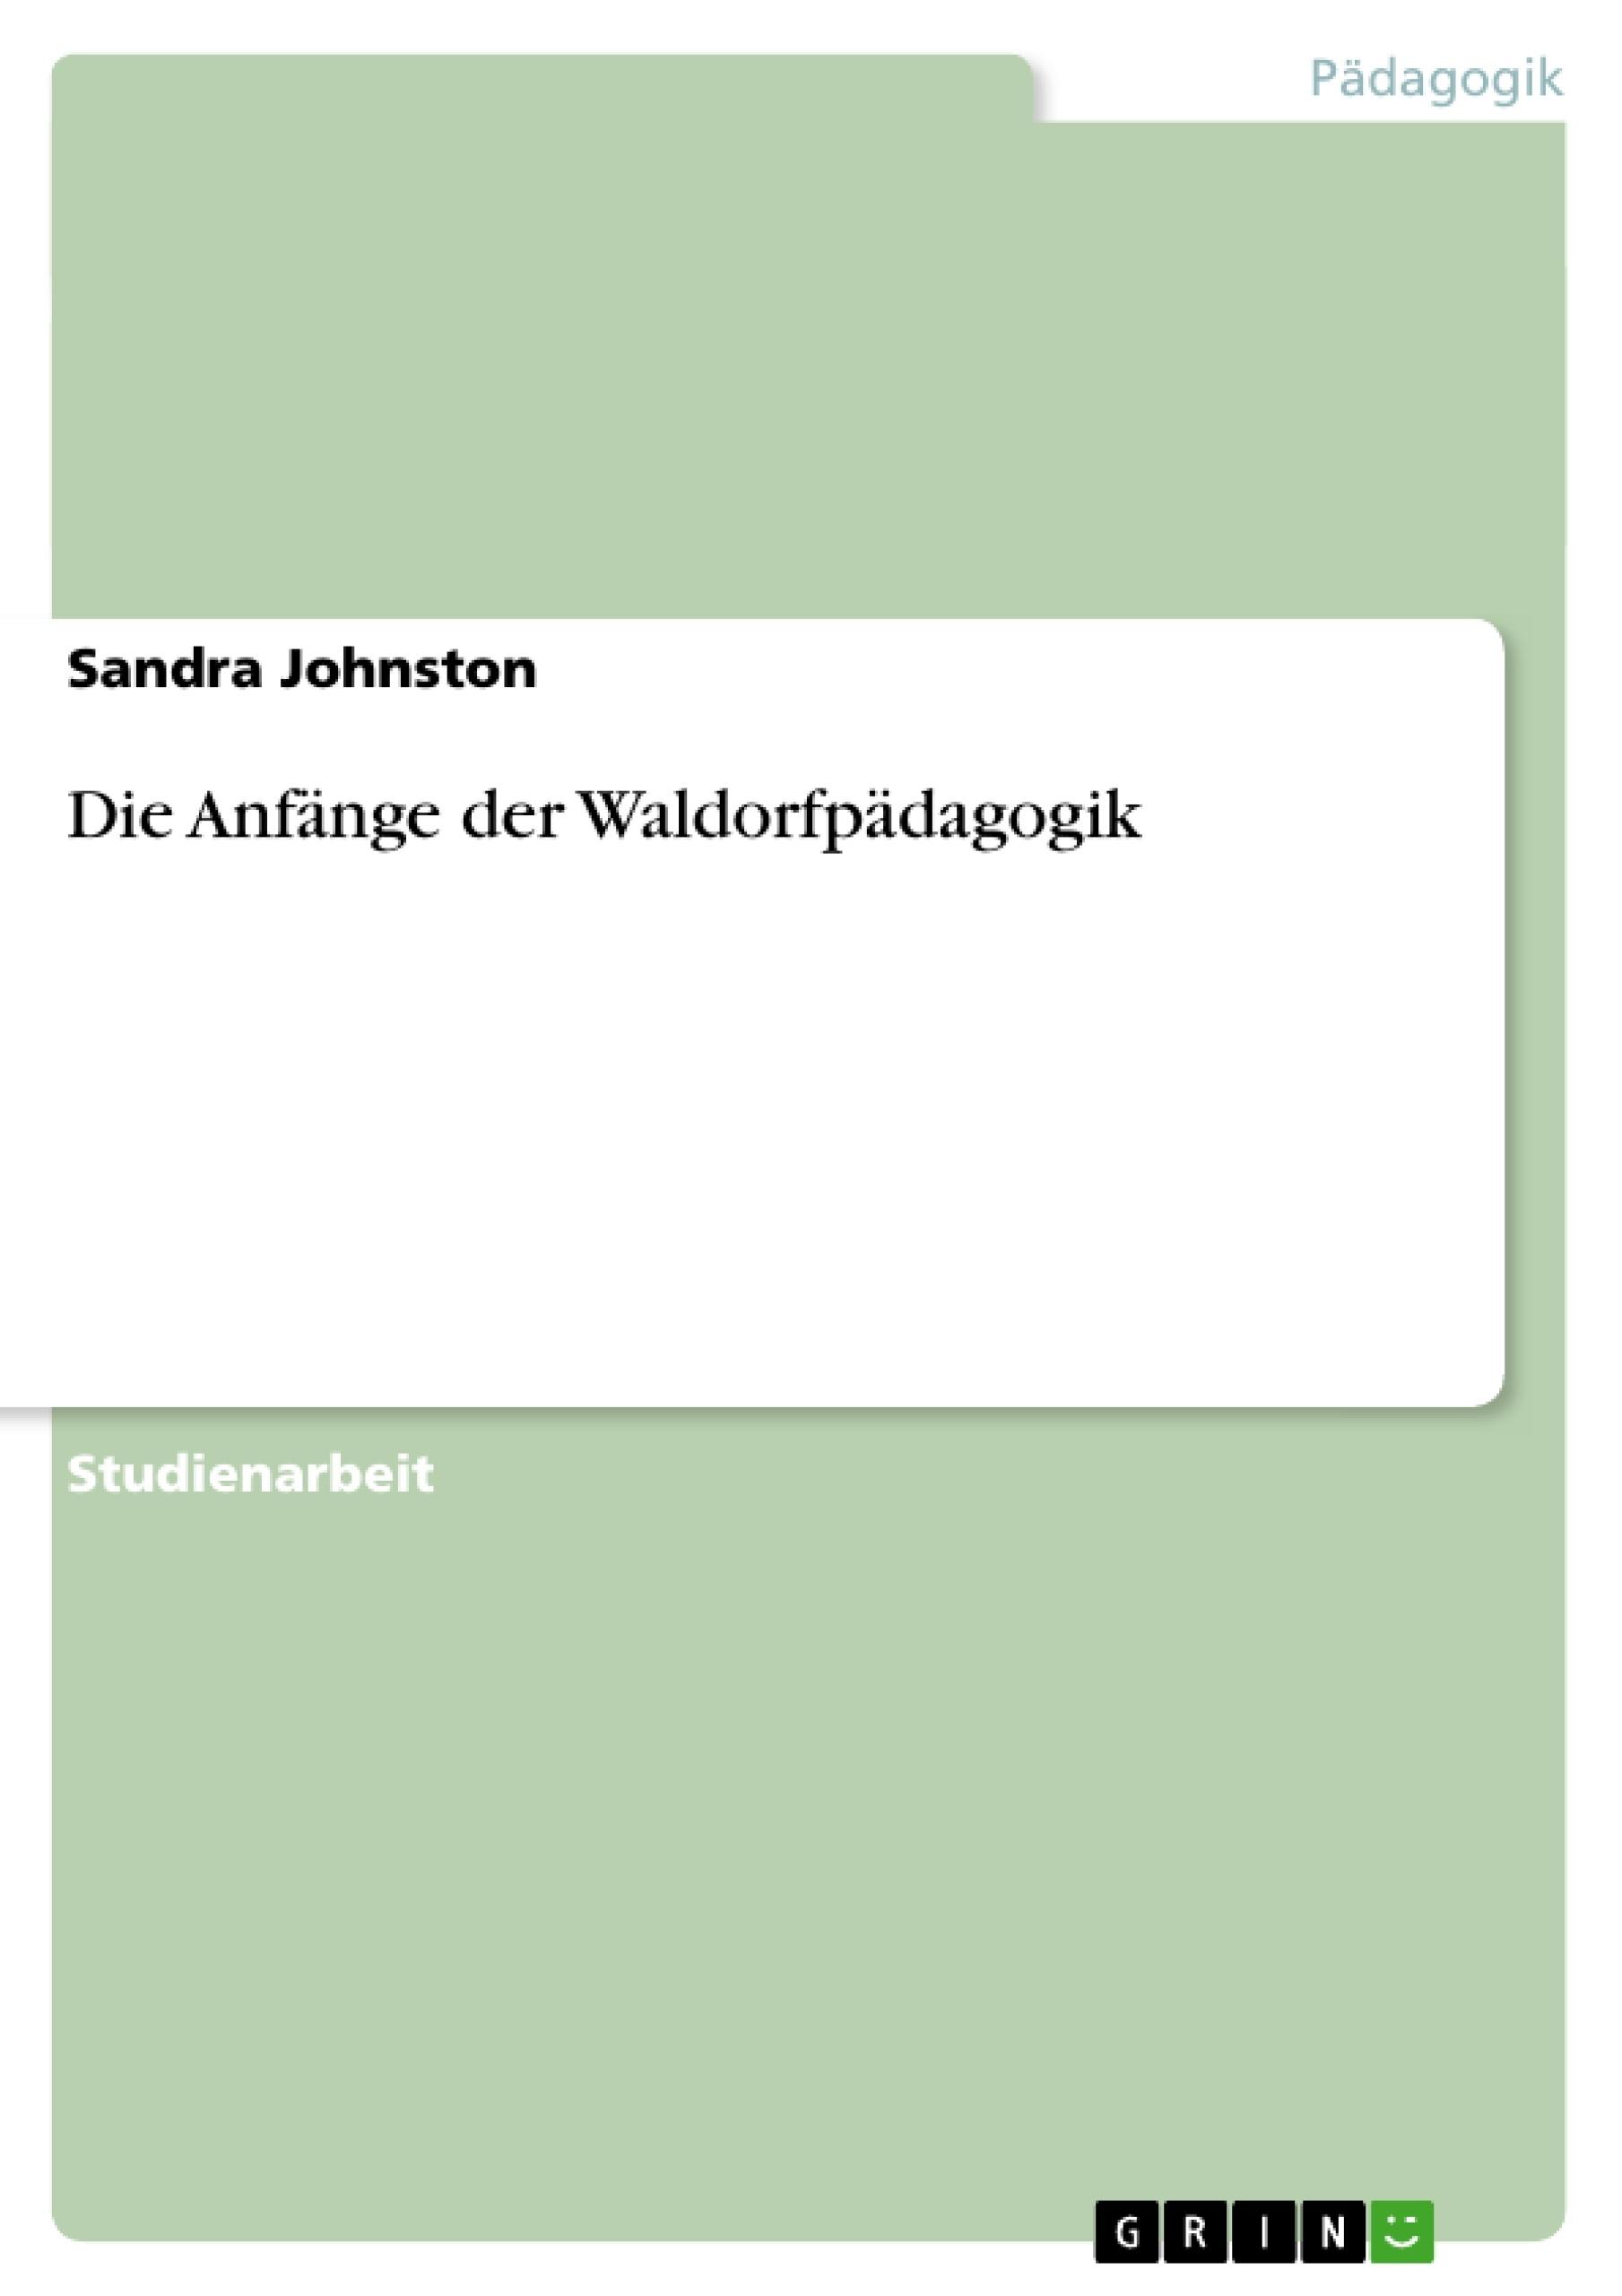 Titel: Die Anfänge der Waldorfpädagogik